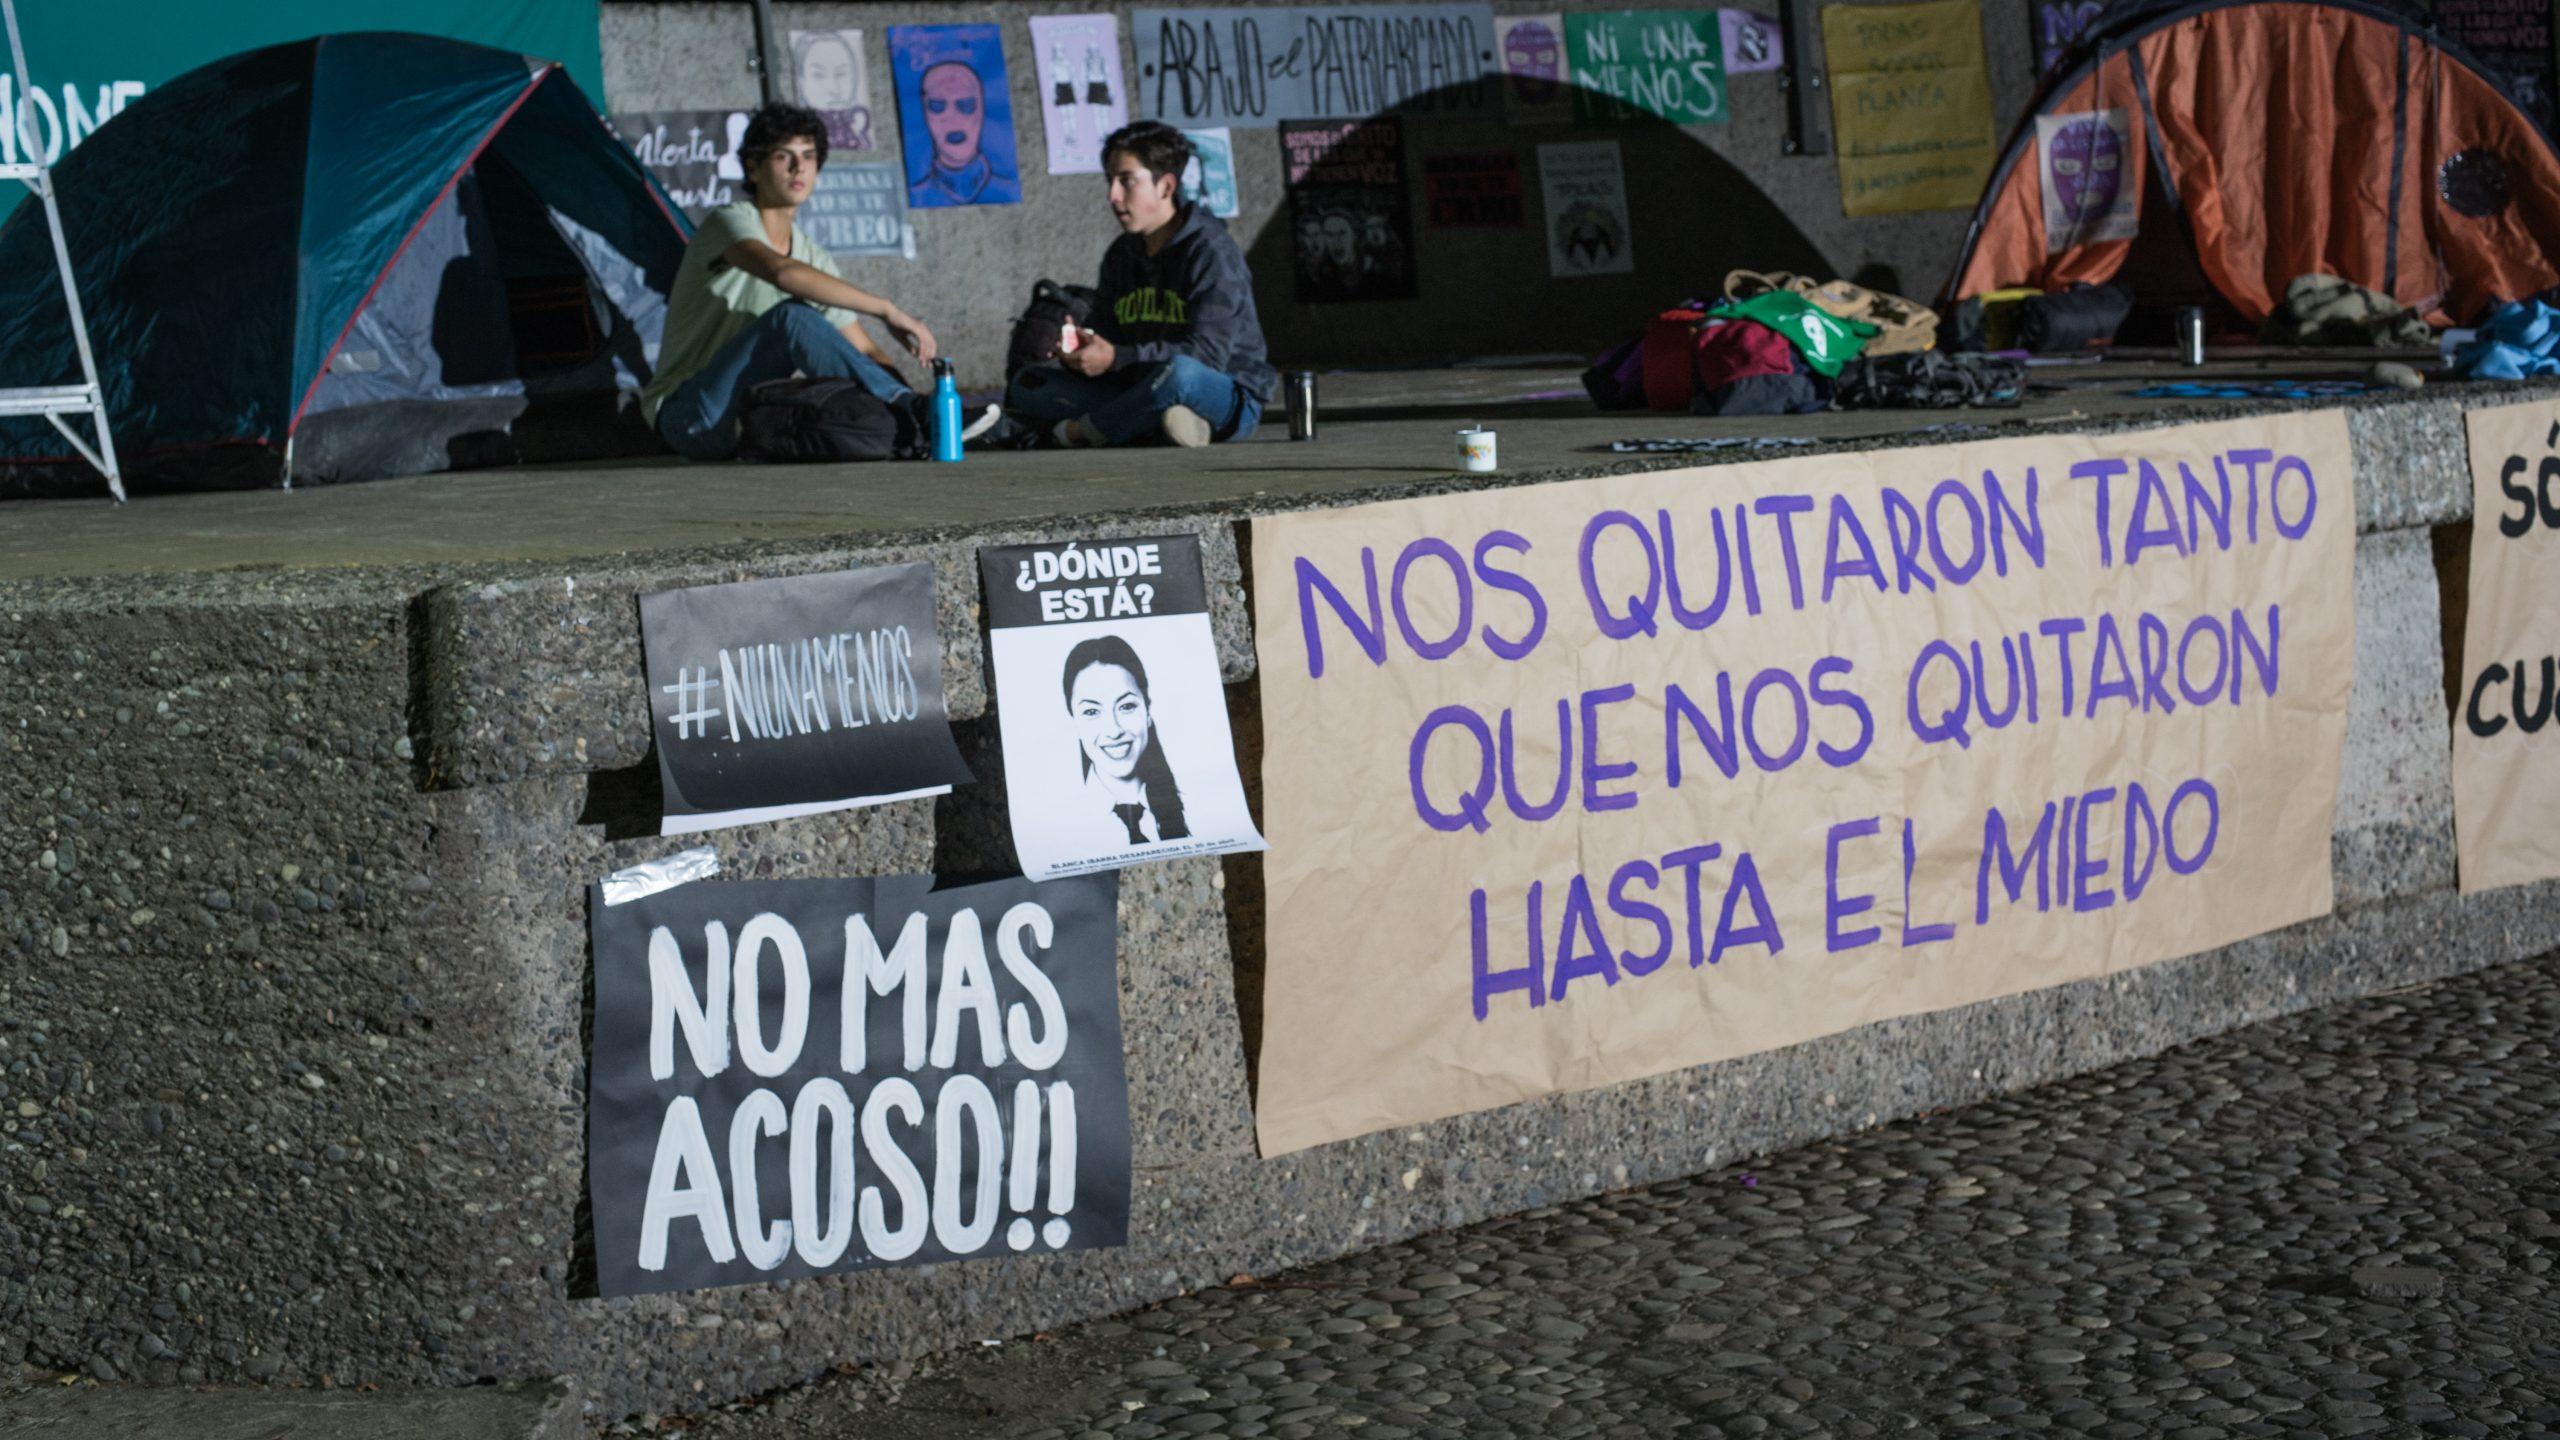 Imagen de 'La Jauría' de una toma de protesta.